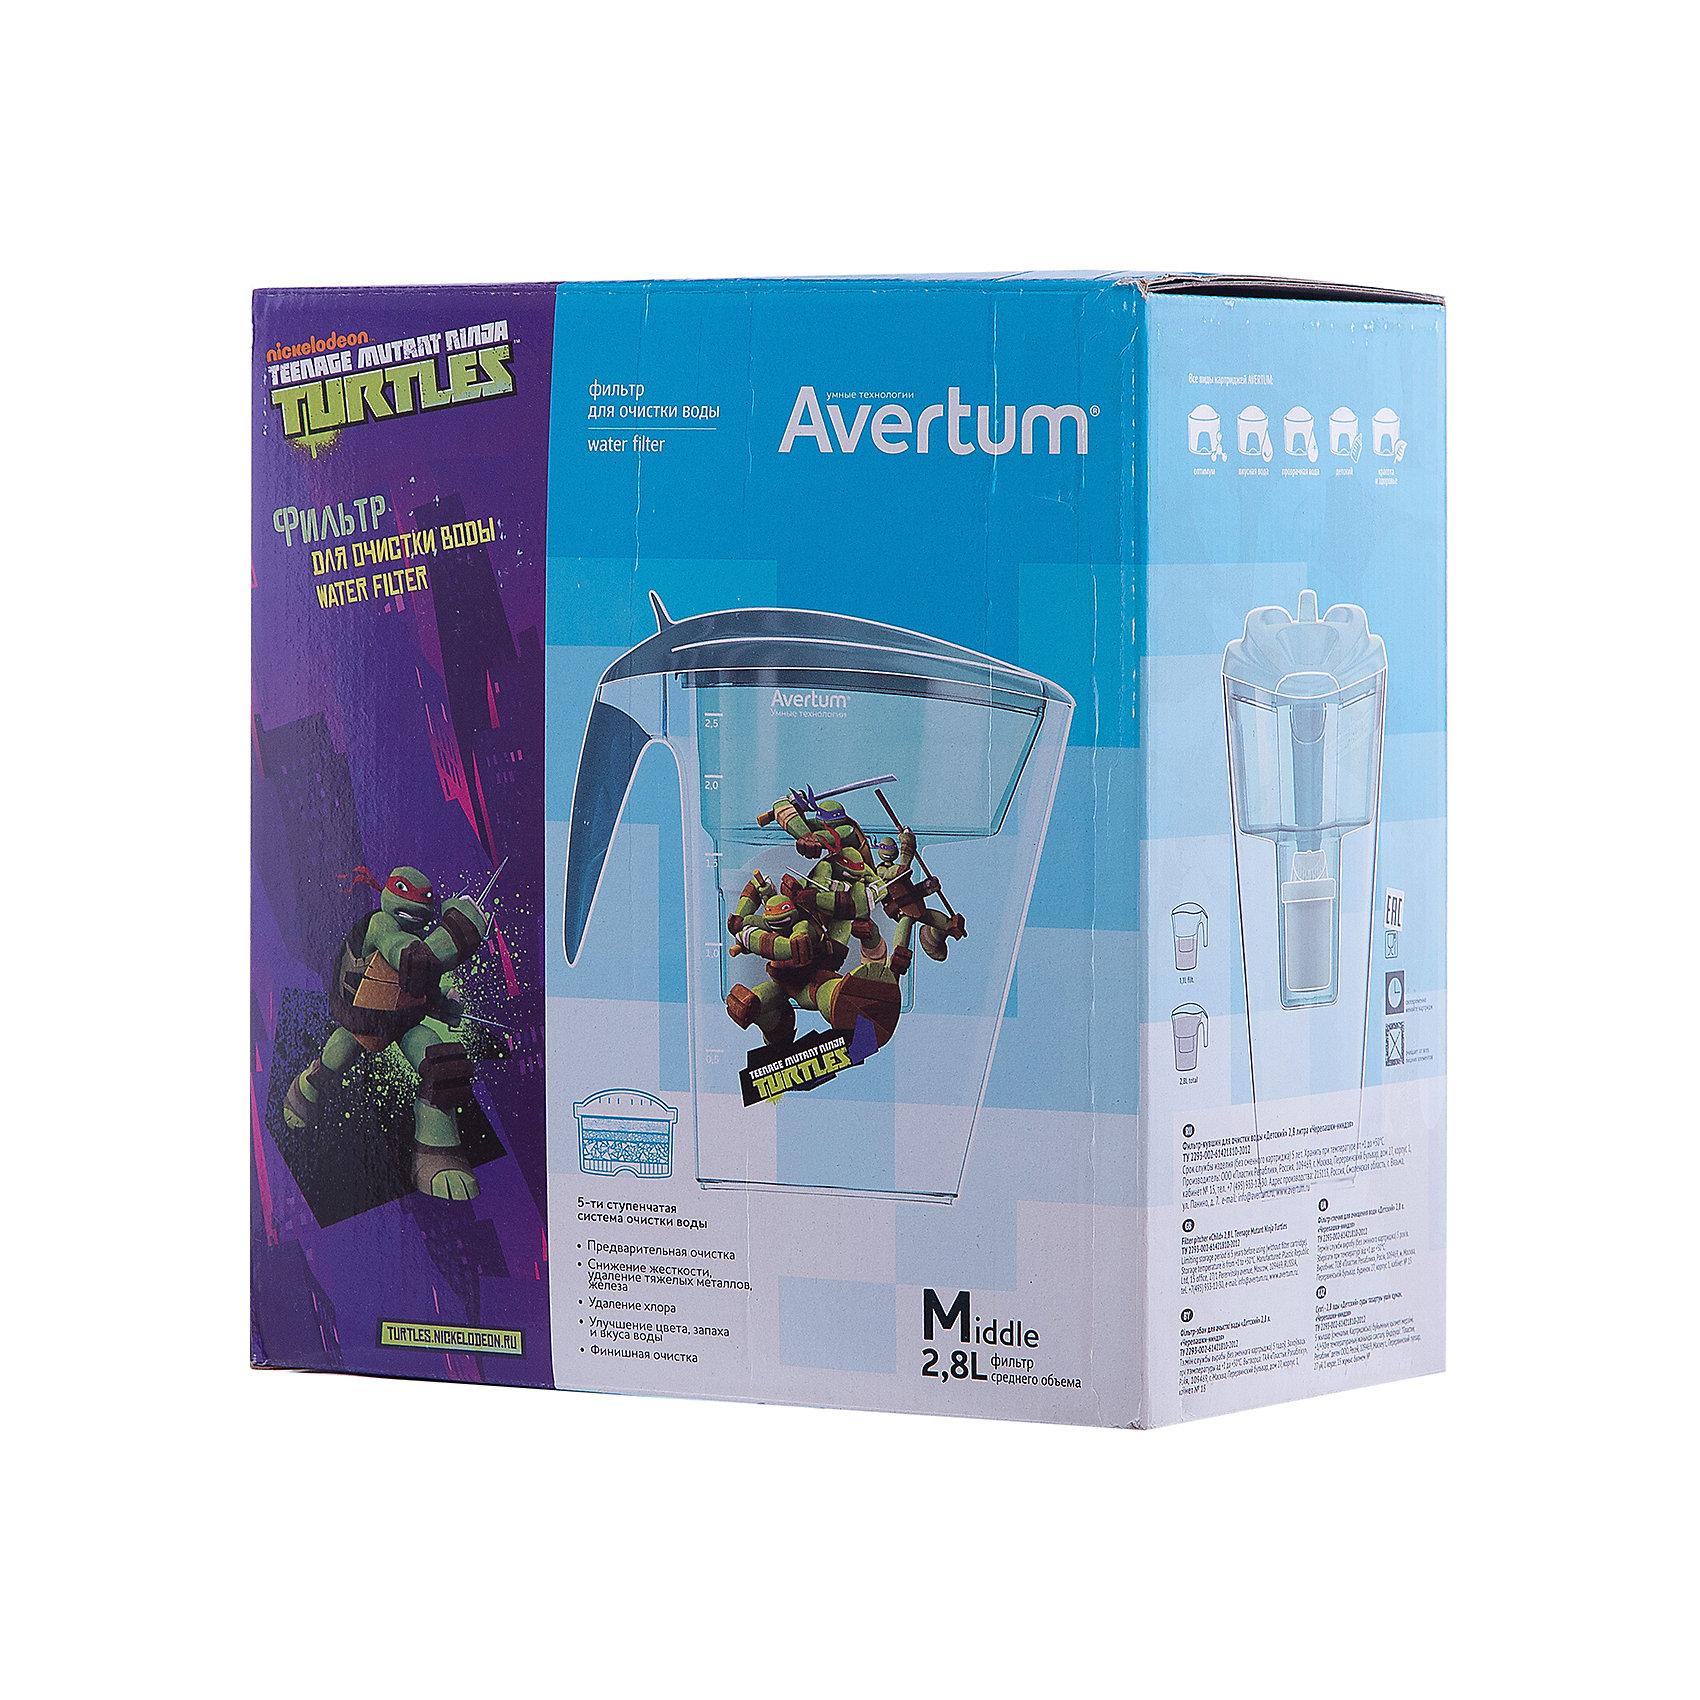 Фильтр-кувшин для очистки воды «Детский» 2,8 л. «Черепашки ниндзя», Little Angel, бирюзовыйФильтр-кувшин для очистки воды «Детский» 2,8 л. «Черепашки ниндзя», Little Angel, бирюзовый изготовлен отечественным производителем . Фильтр выполнен из высококачественного экологически безопасного пластика, который не содержит фенол. Данная серия детских фильтров состоит из кувшина, откидной крышки с клапаном и самого фильтра. Очищение воды проходит через 5-ти ступенчатую фильтрацию, которая позволяет не только очистить воду, но и обогатить ее полезными микроэлементами. Для удобства эксплуатации кувшин оснащен нескользящим дном, на крышке фильтра имеется электронный индикатор ресурса картриджа. Фильтр-кувшин имеет универсальную форму воронки, поэтому к нему подойдут картриджи, отвечающие требованиям европейского стандарта.<br>Фильтр-кувшин для очистки воды «Детский» 2,8 л. «Черепашки ниндзя», Little Angel, бирюзовый выполнен в ярком современном дизайне: на кувшине имеется сюжетная наклейка с черепашками ниндзя.<br>Фильтр-кувшин для очистки воды «Детский» 2,8 л. «Черепашки ниндзя», Little Angel, бирюзовый ? это удобство использования и гарантия чистой и полезной воды.<br><br>Дополнительная информация:<br><br>- Предназначение: для дома<br>- Цвет: бирюзовый<br>- Пол: для мальчика<br>- Материал: пластик<br>- Размер (Д*Ш*В): 25,5*15*27,3 см<br>- Объем: 2,8 л<br>- Вес: 854 г<br>- Периодичность смены картриджа: 1 раз в месяц<br>- Особенности ухода: разрешается мыть теплой водой<br><br>Подробнее:<br><br>• Для детей в возрасте: от 3 лет и до 14 лет<br>• Страна производитель: Россия<br>• Торговый бренд: Little Angel<br><br>Фильтр-кувшин для очистки воды «Детский» 2,8 л. «Черепашки ниндзя», Little Angel, бирюзовый можно купить в нашем интернет-магазине.<br><br>Ширина мм: 255<br>Глубина мм: 150<br>Высота мм: 273<br>Вес г: 854<br>Возраст от месяцев: 36<br>Возраст до месяцев: 168<br>Пол: Мужской<br>Возраст: Детский<br>SKU: 4881754